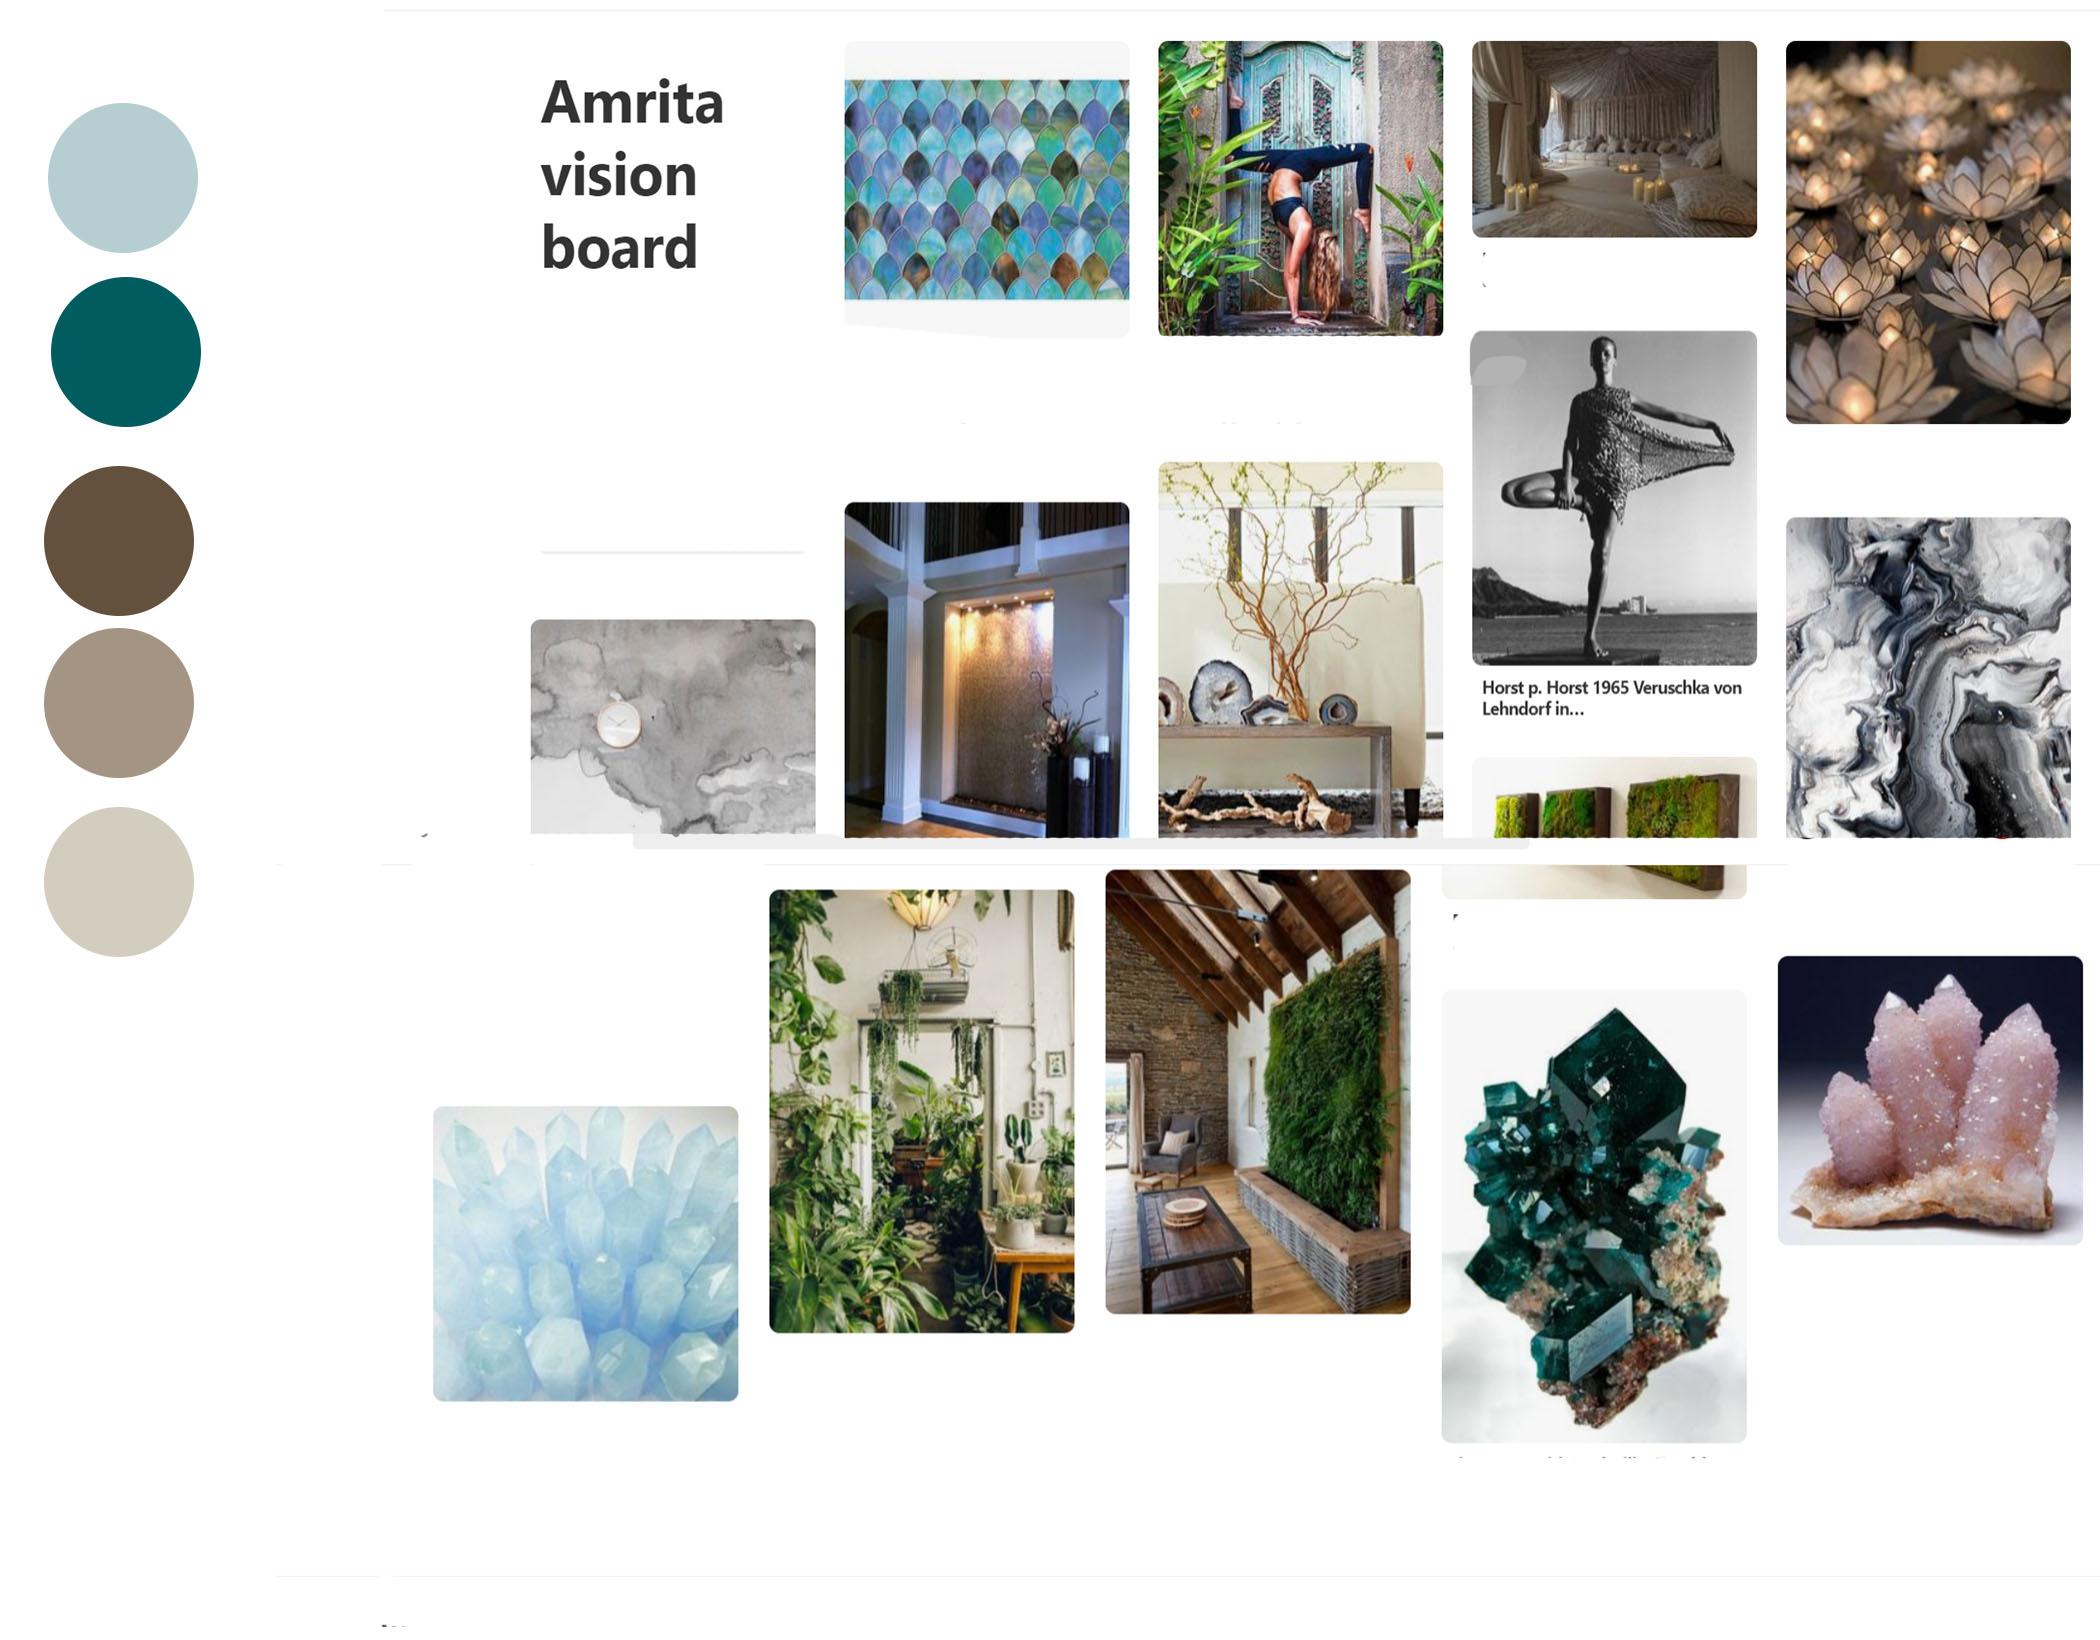 Amrita vision board.jpg